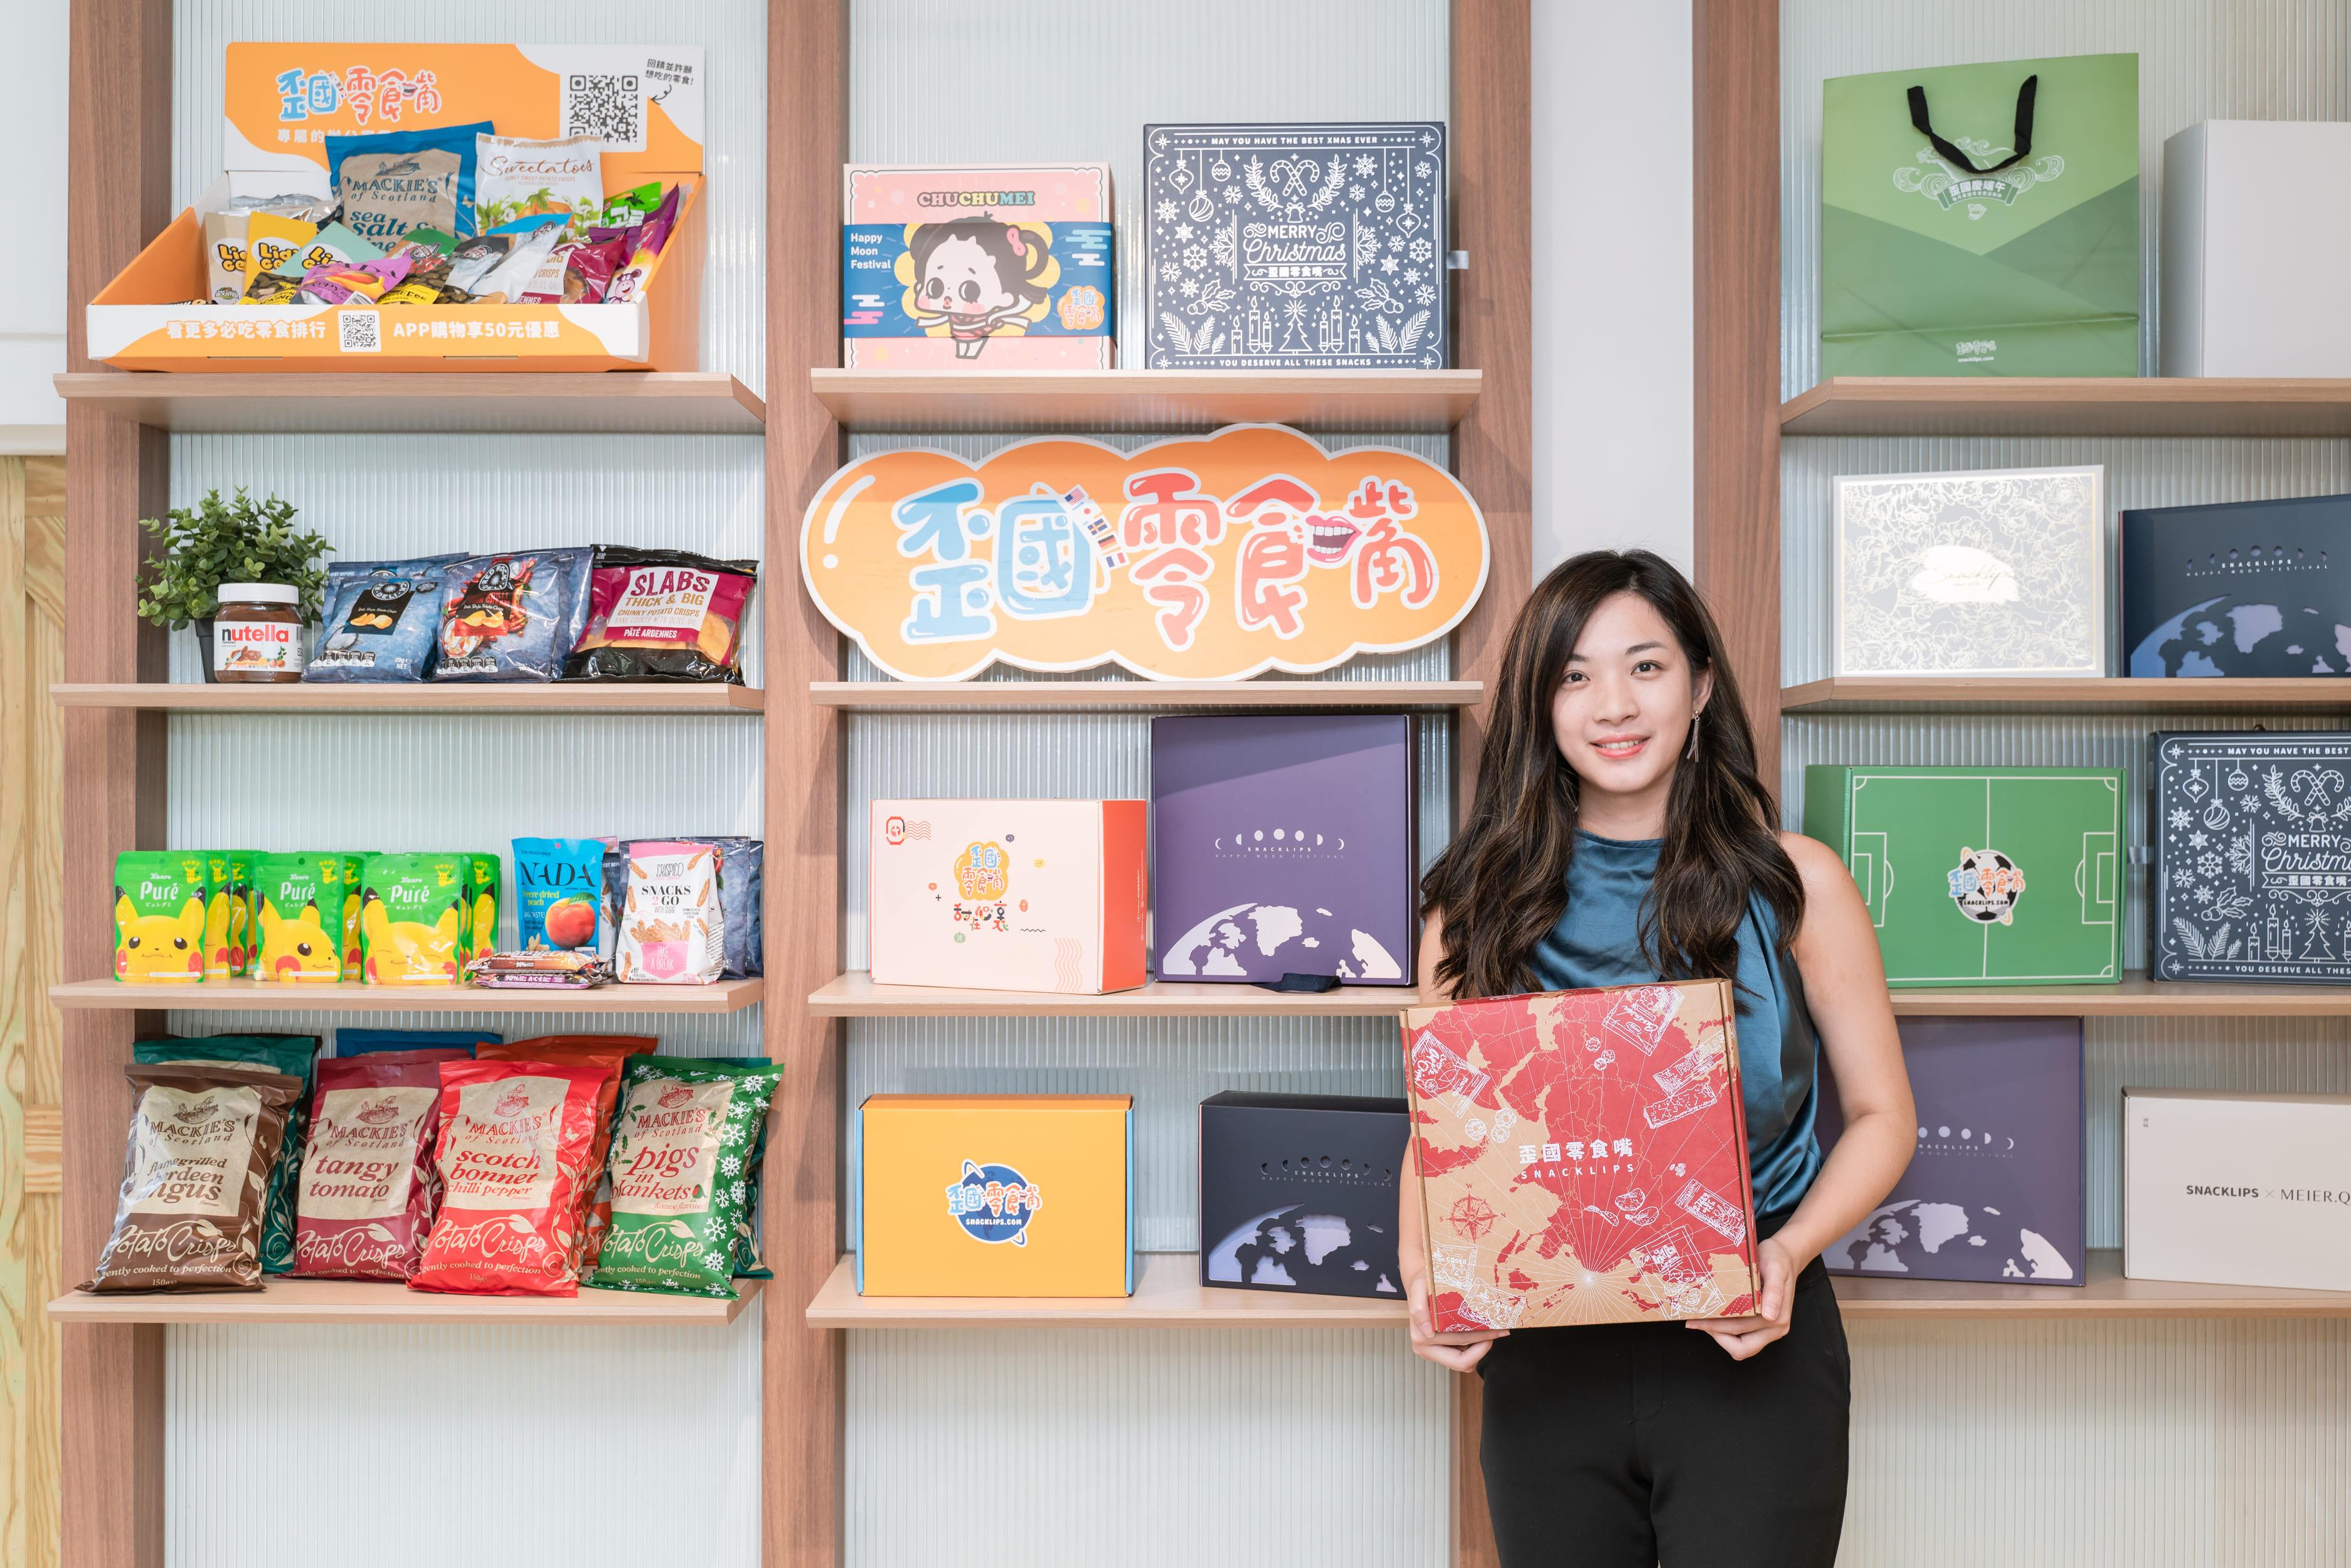 歪國零食嘴:八年級創業零食電商,轉戰訂閱制創營收奇蹟